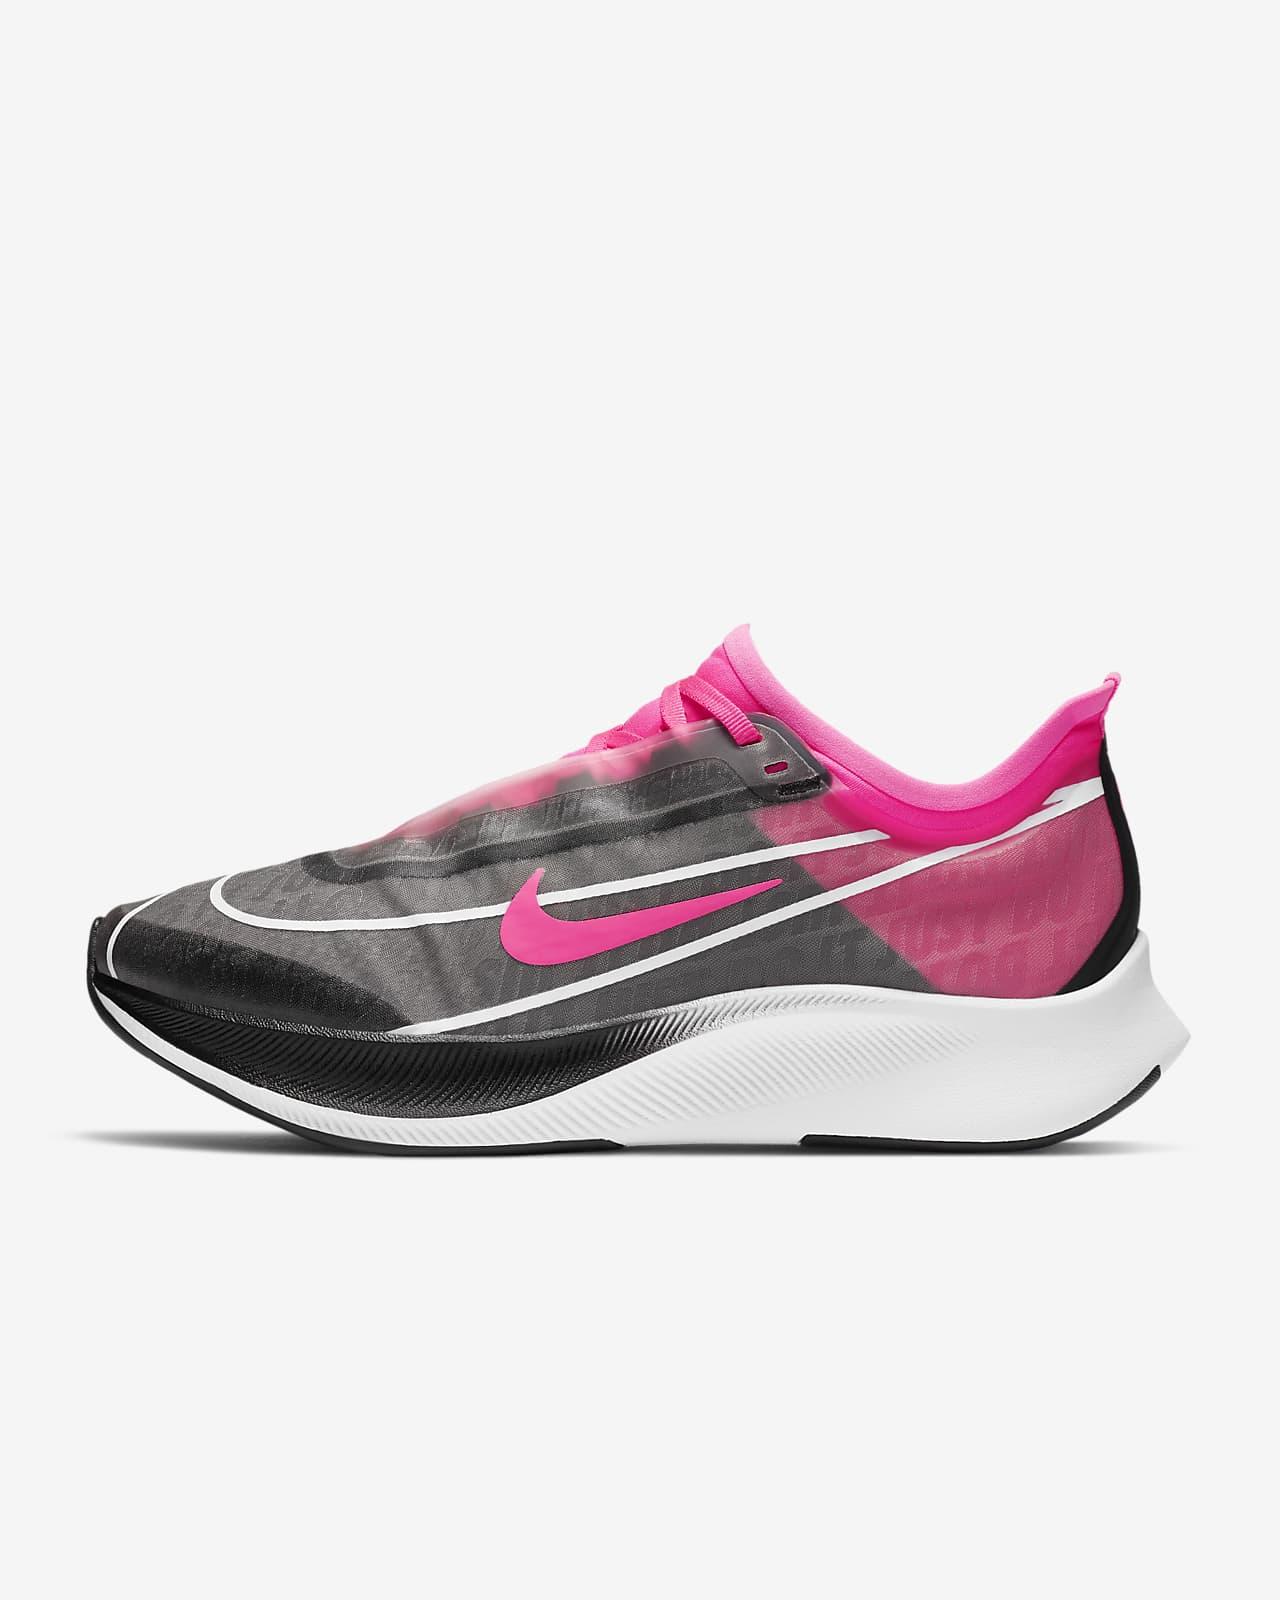 Nike Zoom Fly 3 女款跑鞋